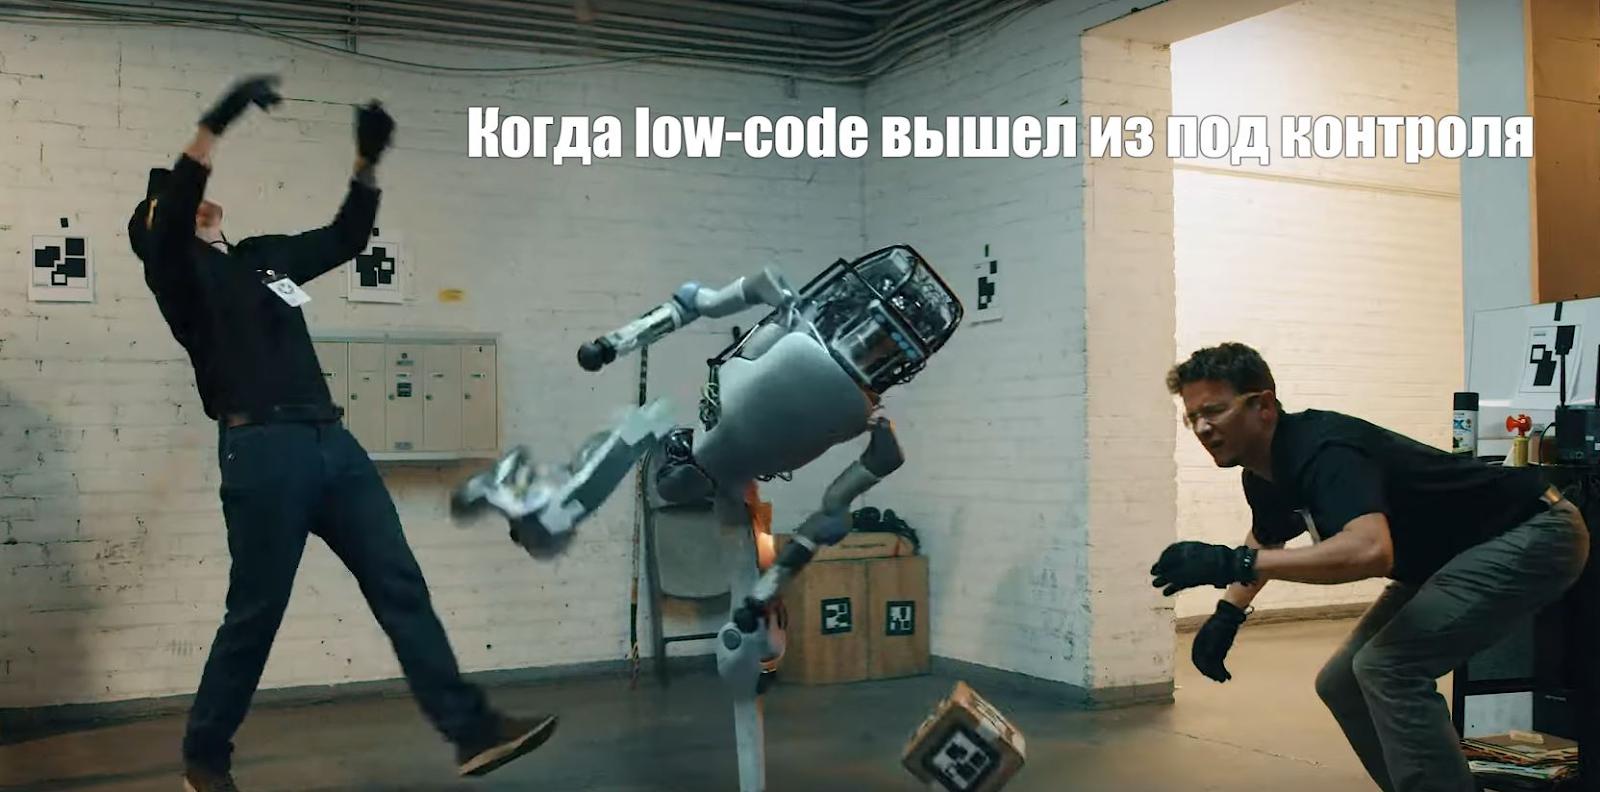 Внутренняя автоматизация  почему мы отказались от low-code системы в пользу Camunda